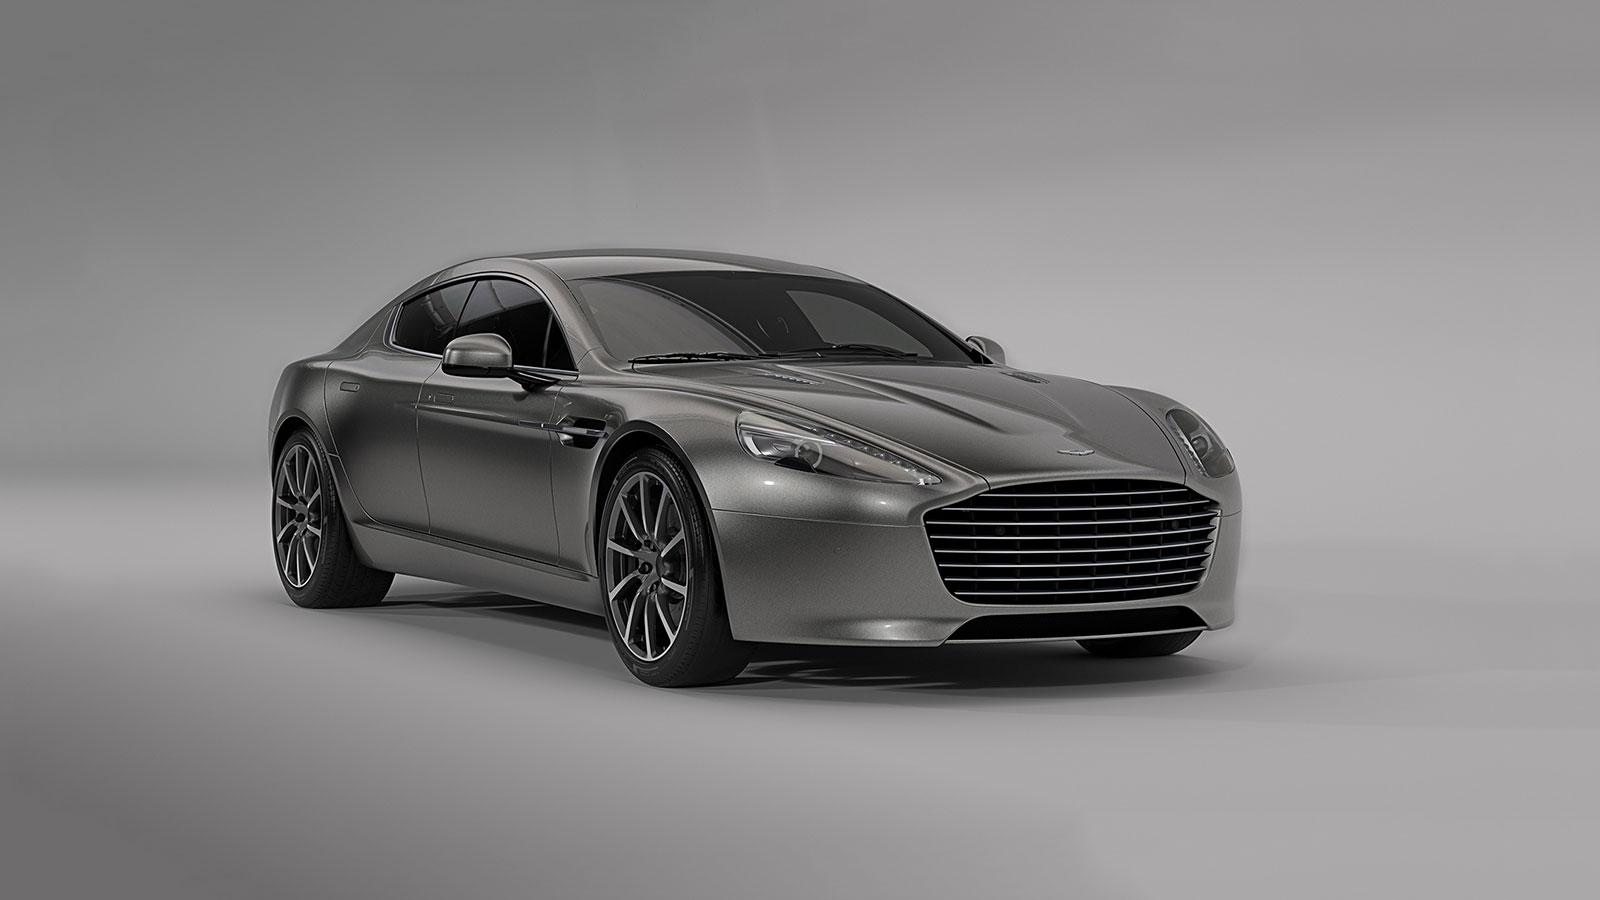 2019 Aston Martin RapidE All-Electric Supercar